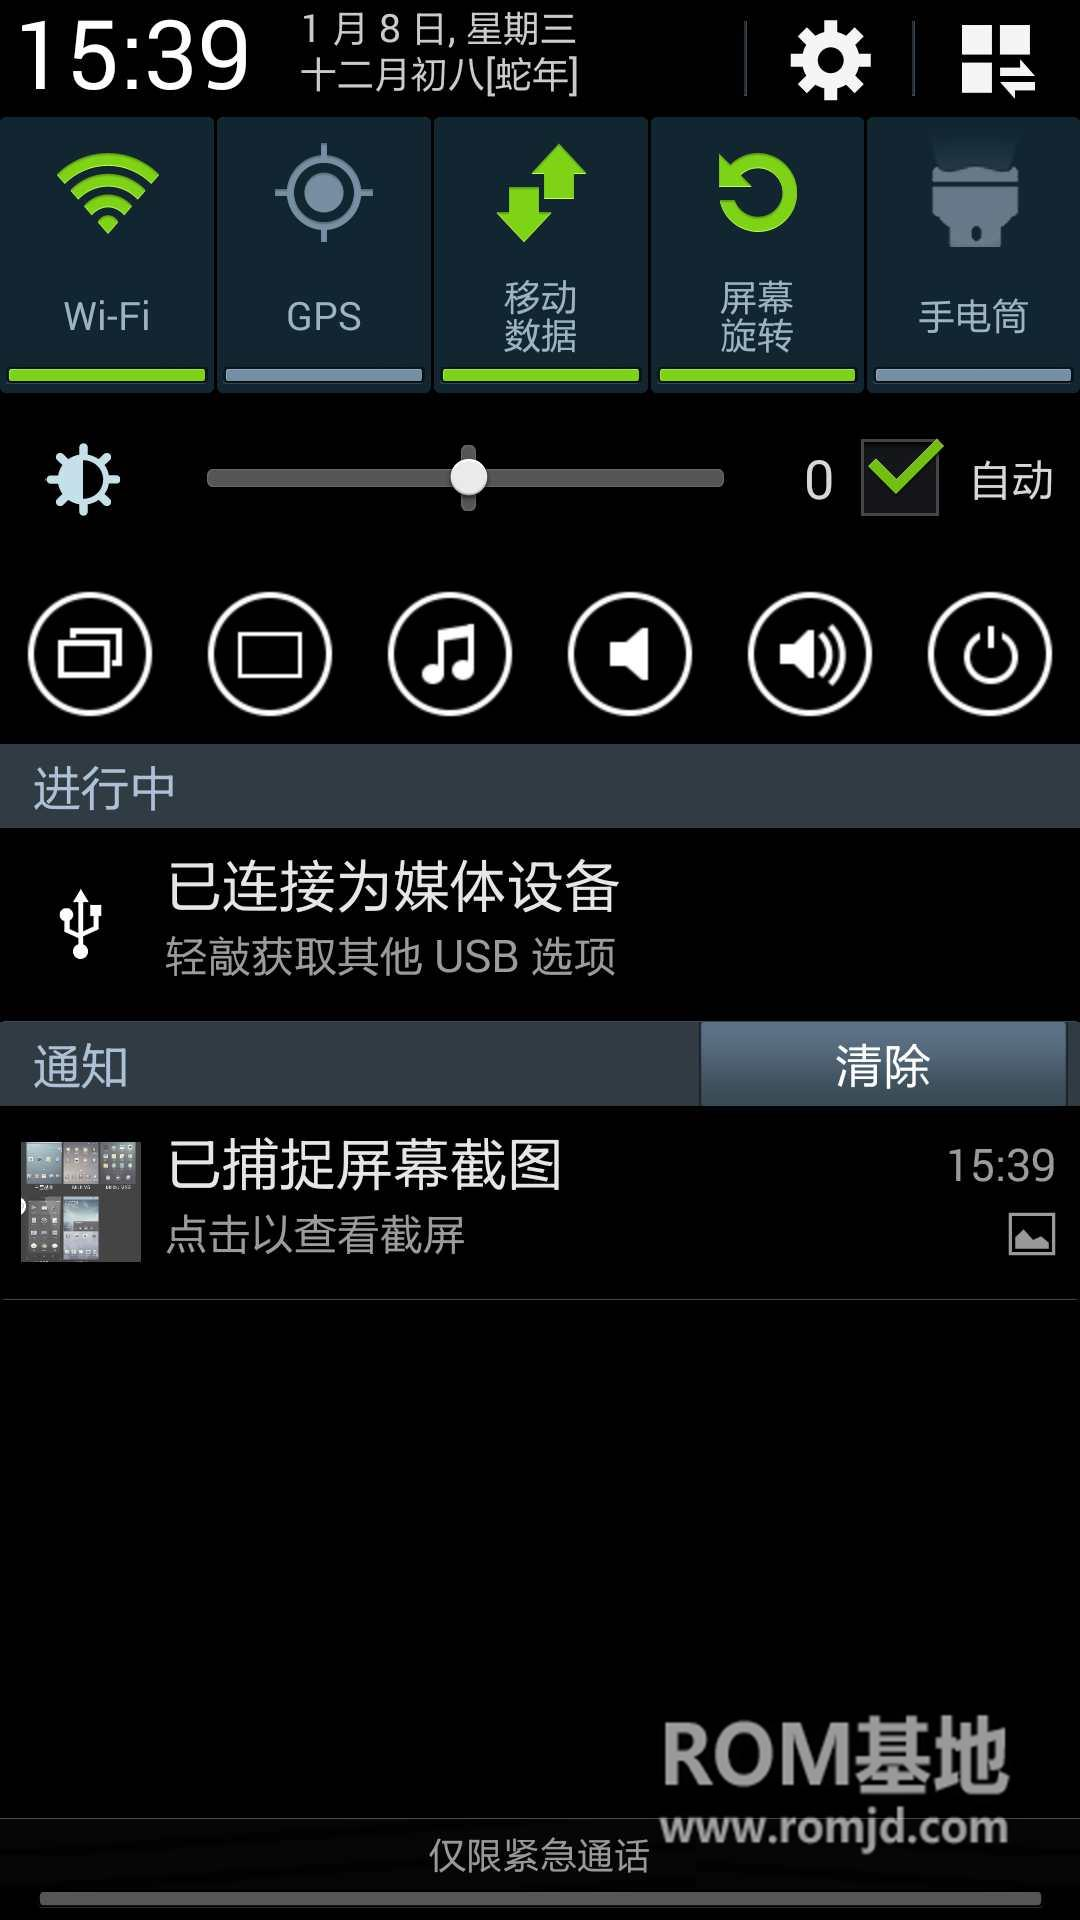 绿化纯净 三星 N900 刷机包 基于最新港版ZSUCML1 省电 流畅 刷机包ROM刷机包截图